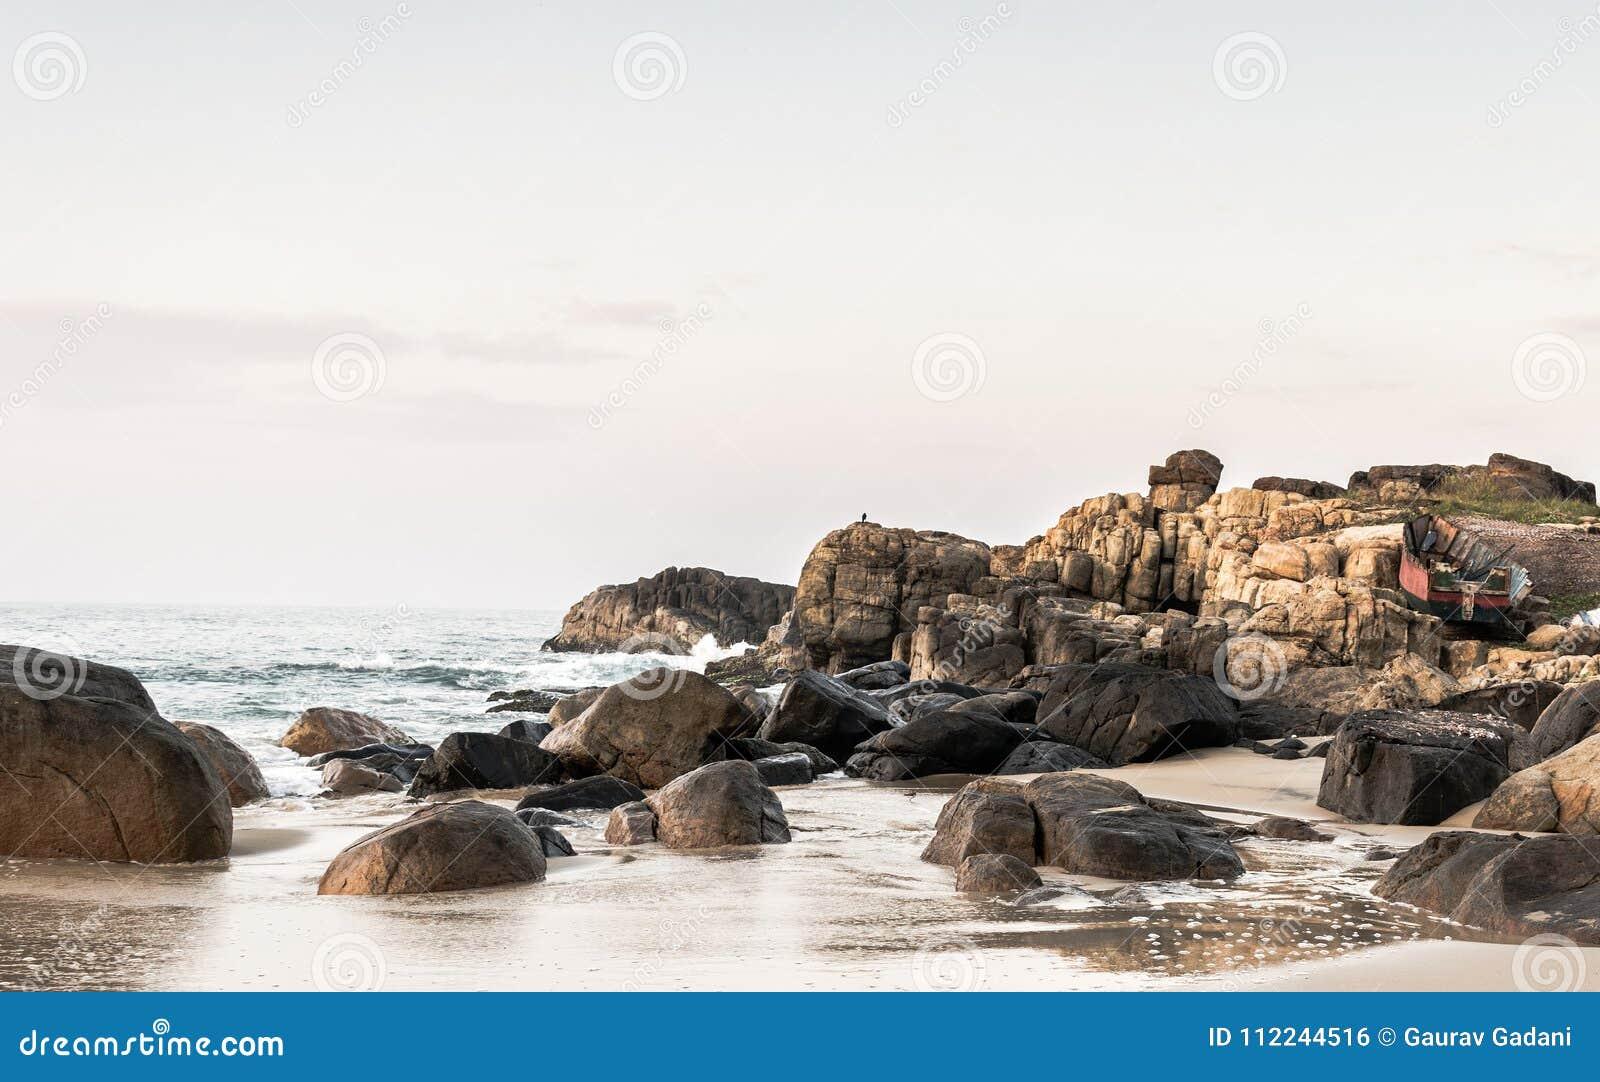 Landschaftsfoto von Felsen auf Strand